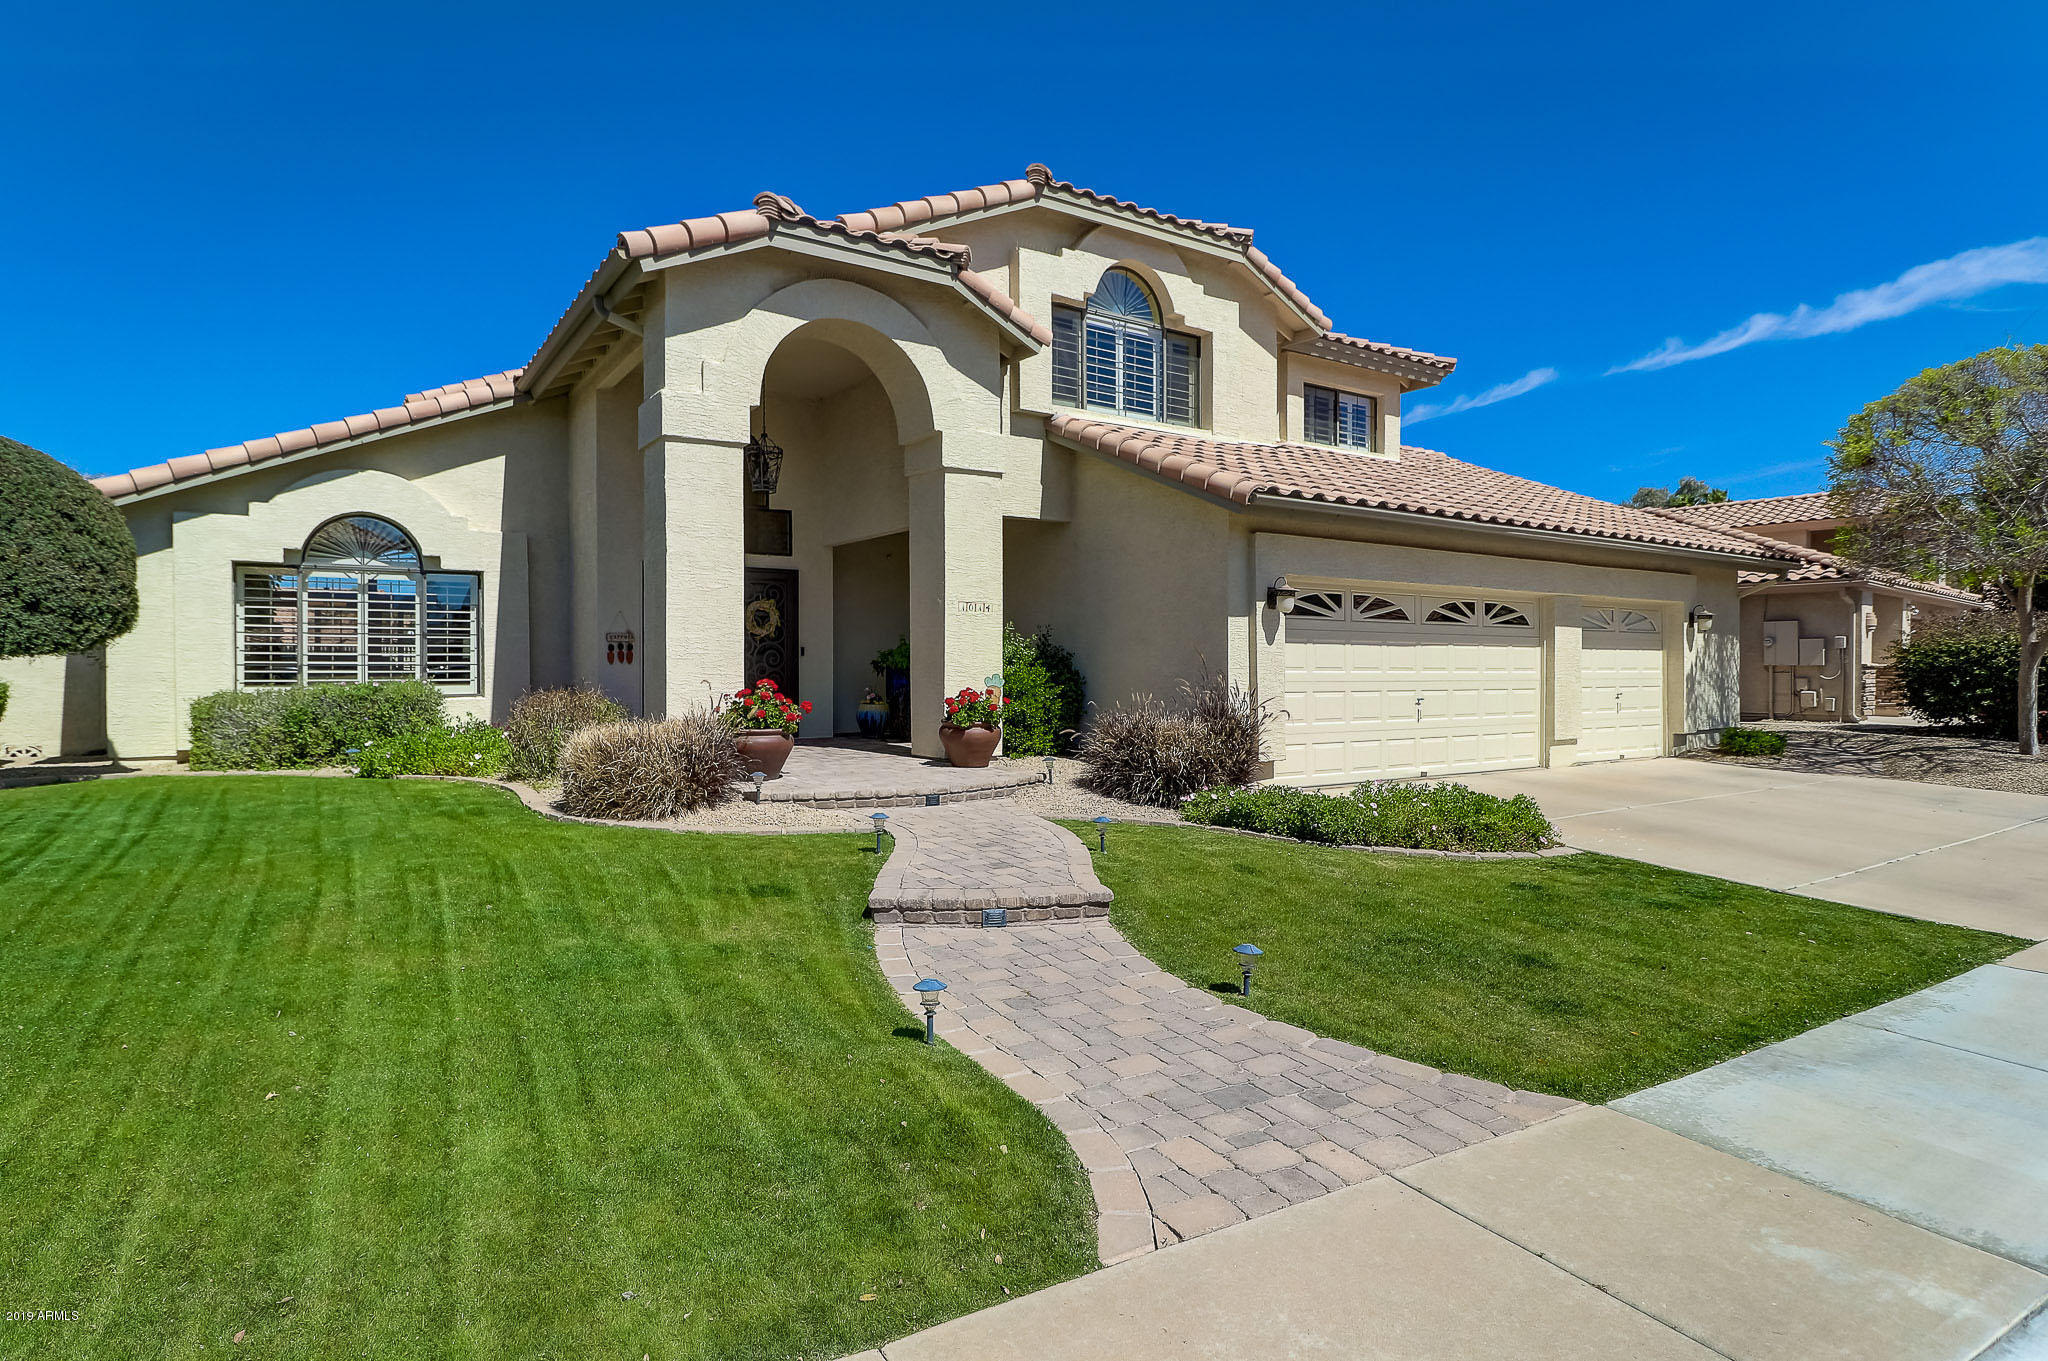 Photo of 1014 W SHERRI Drive, Gilbert, AZ 85233